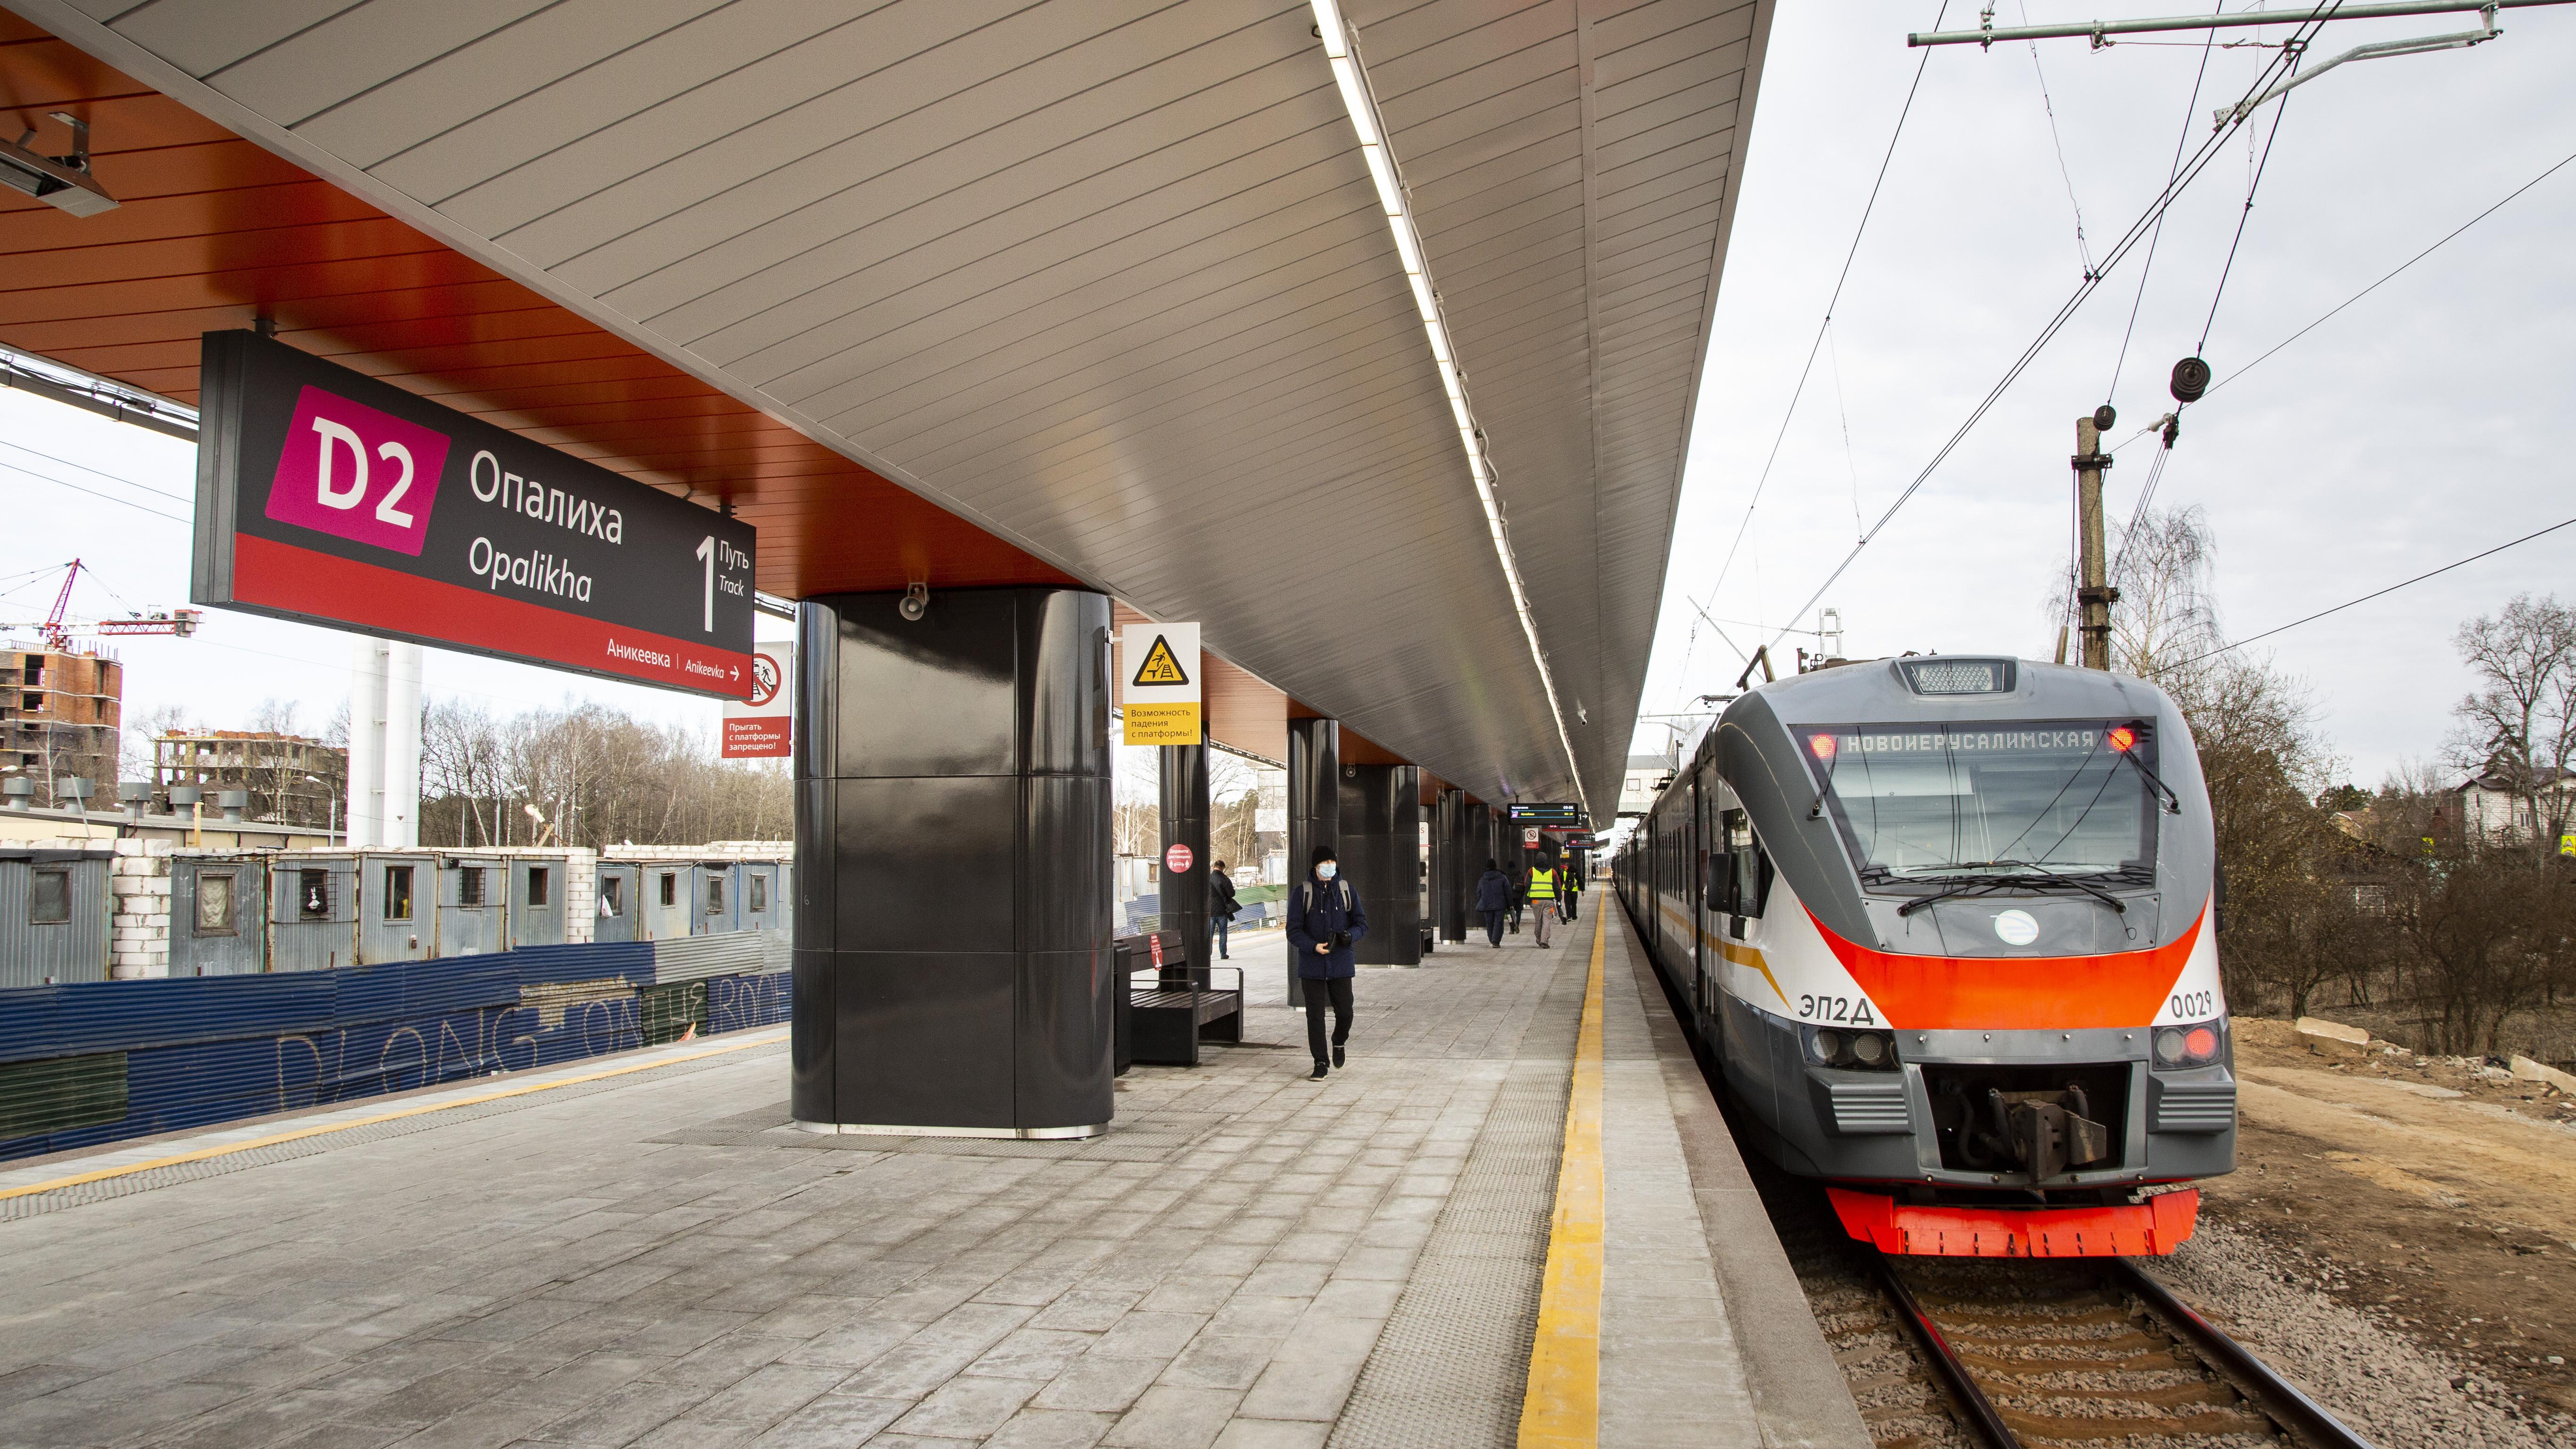 Более 1 тыс. пассажиров пытались проехать в транспорте Подмосковья с высокой температурой